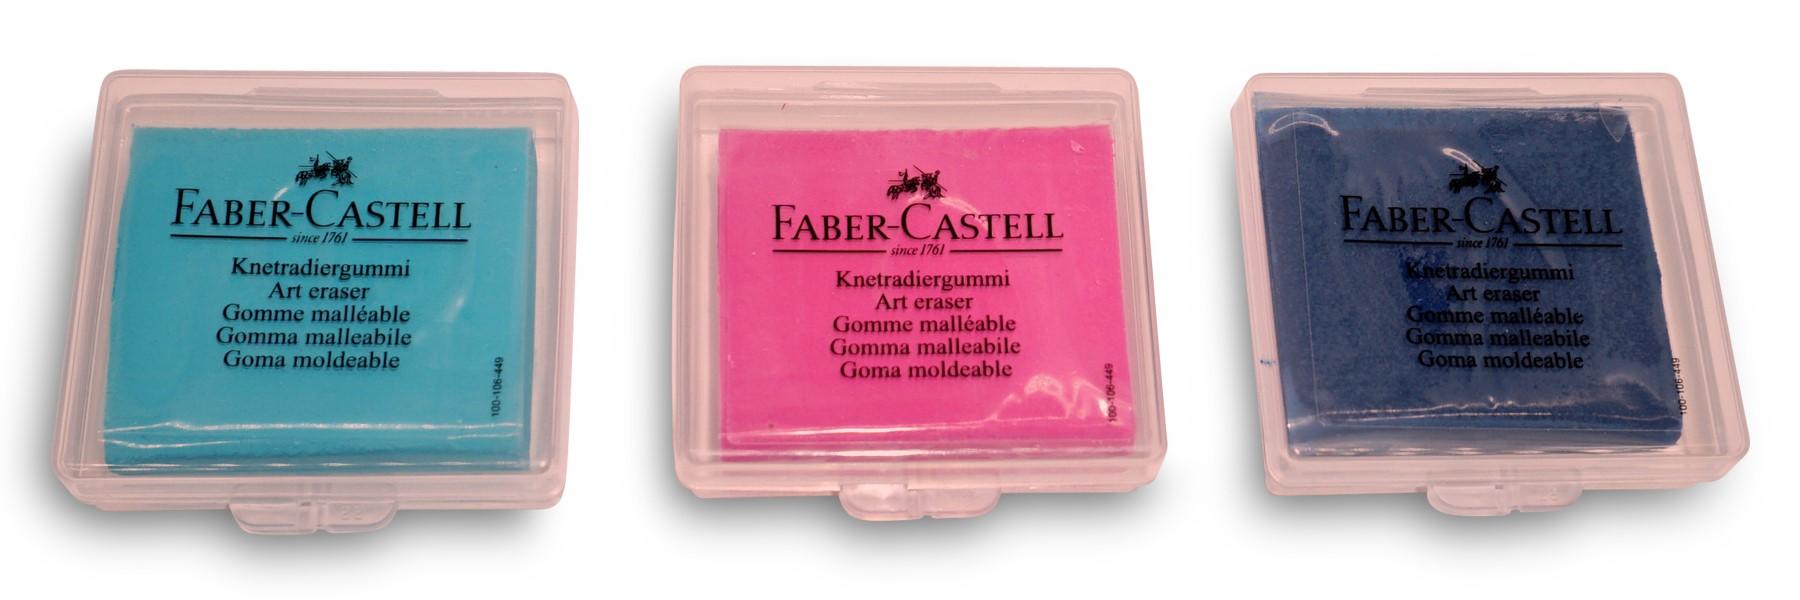 Faber-Castell  Knetgummi-Radierer, 1 Stück